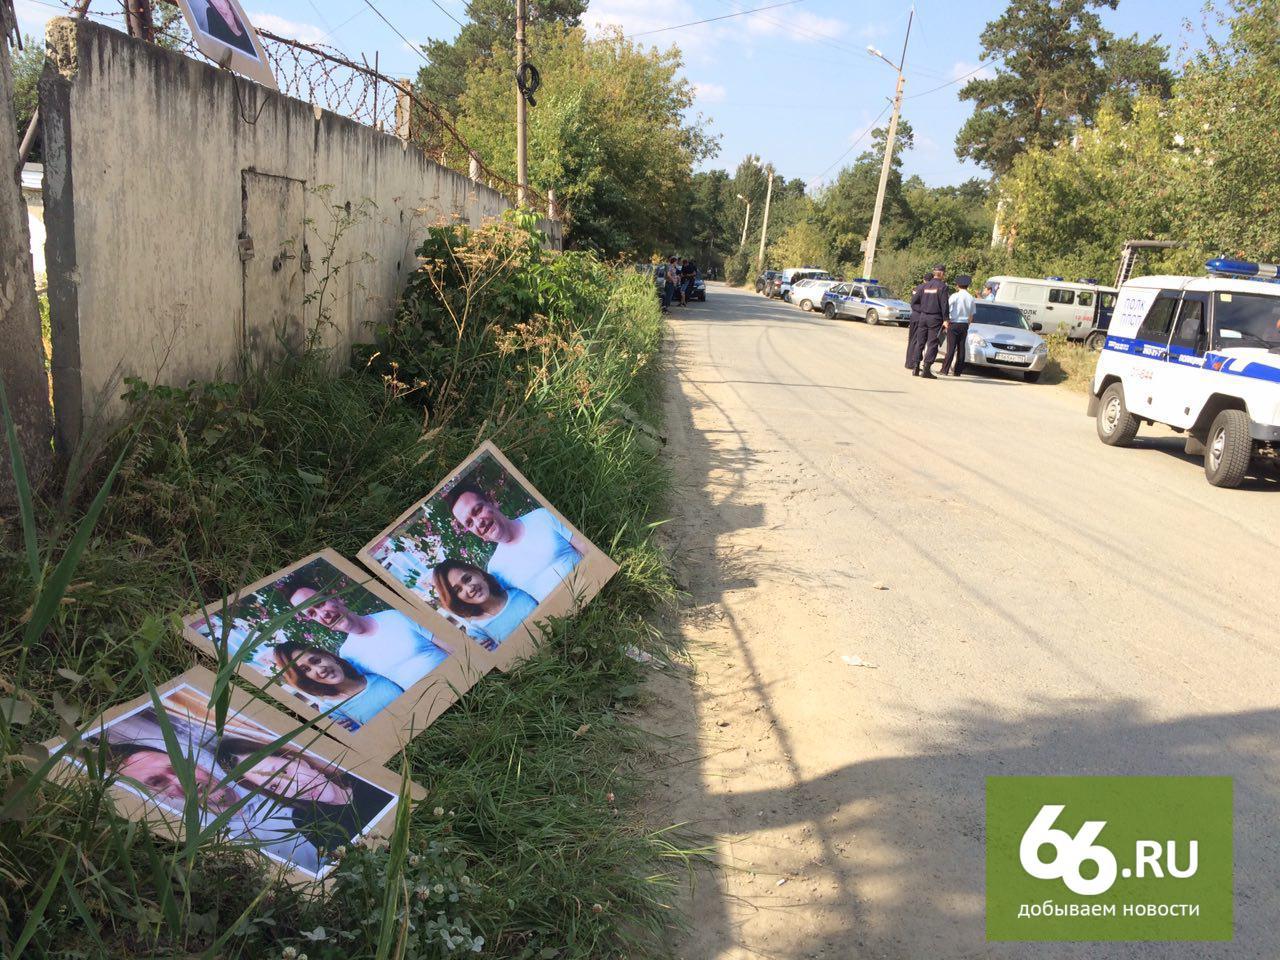 Мигранты изспецприёмника вКольцово потребовали ускорить ихвыдворение